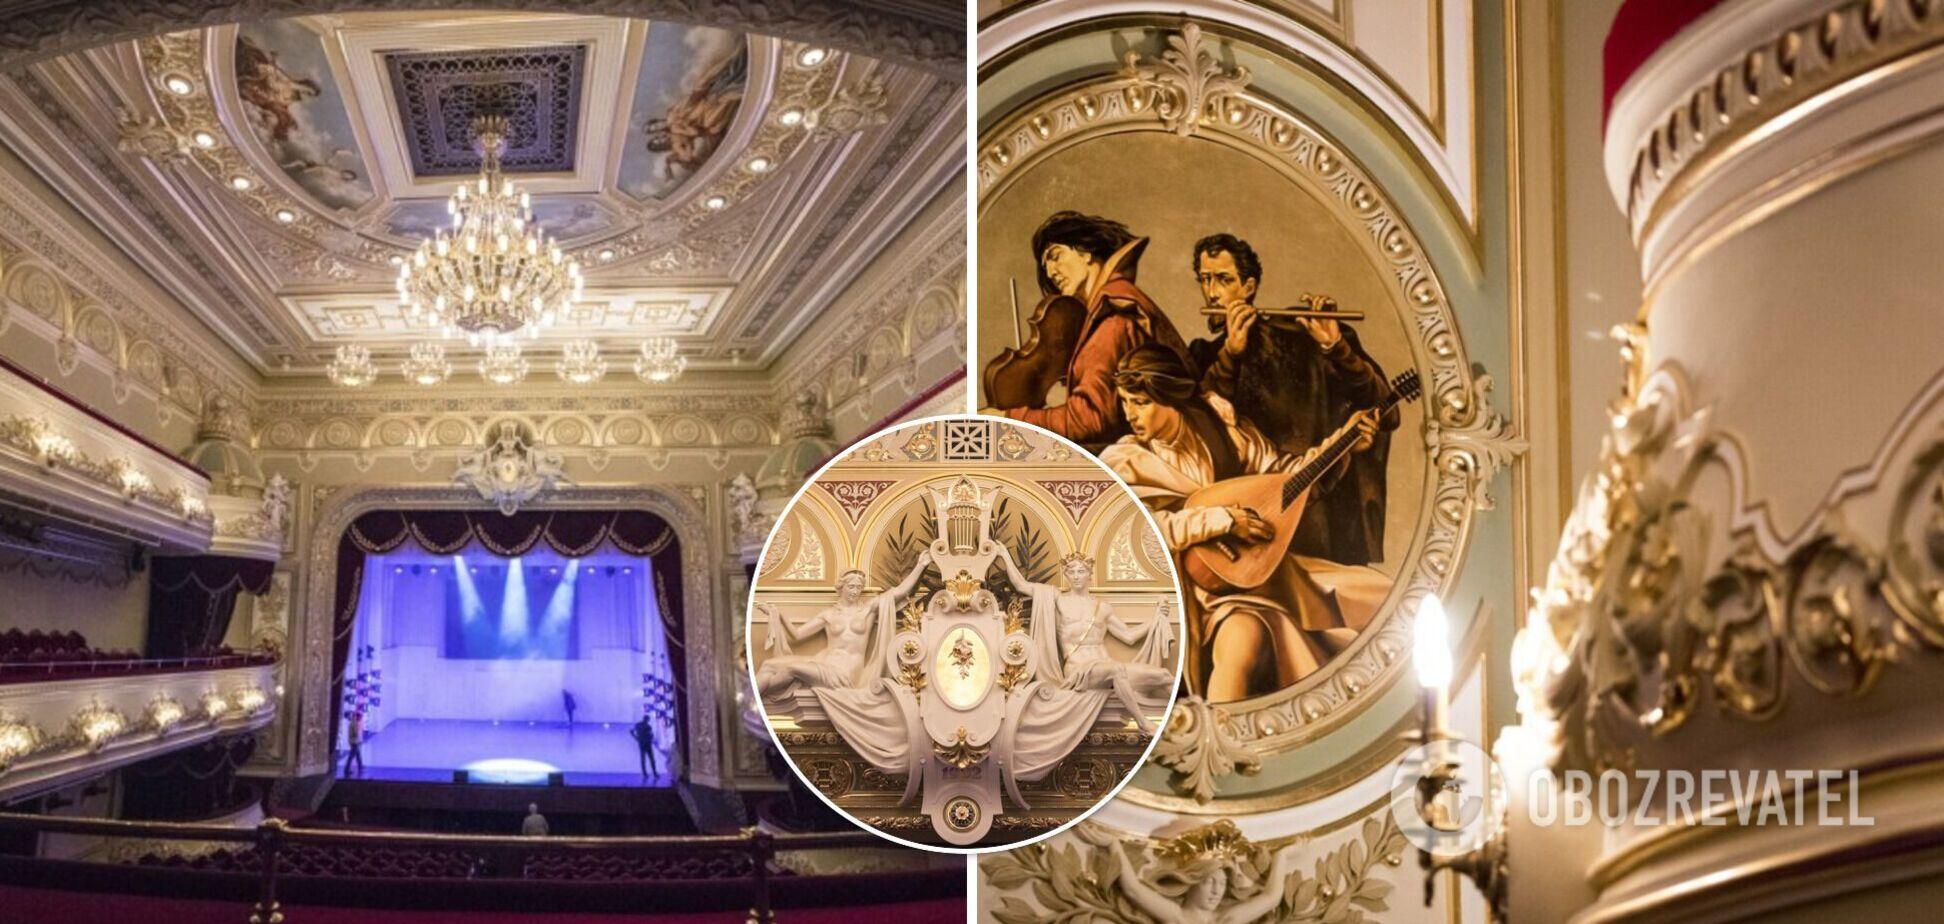 Пишне оздоблення та атмосфера минулого: у Києві відреставрували театр оперети. Фото, відео